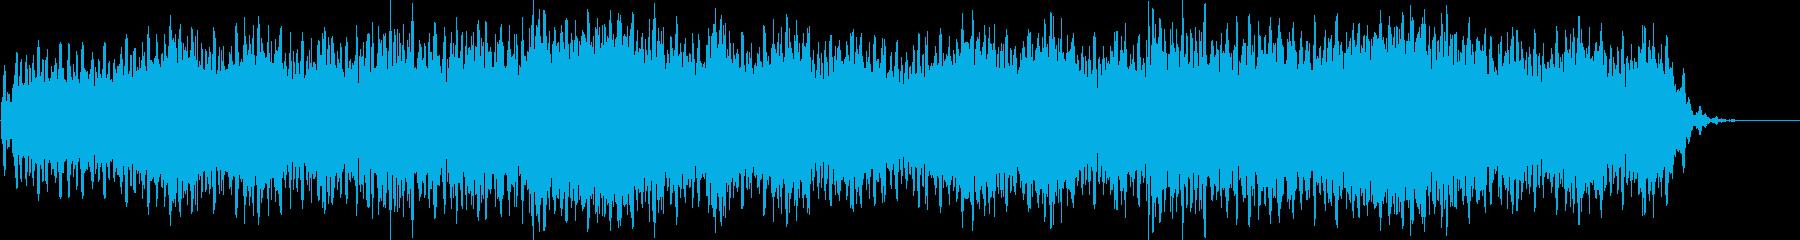 ホラー サスペンス アンビエント 雪の再生済みの波形